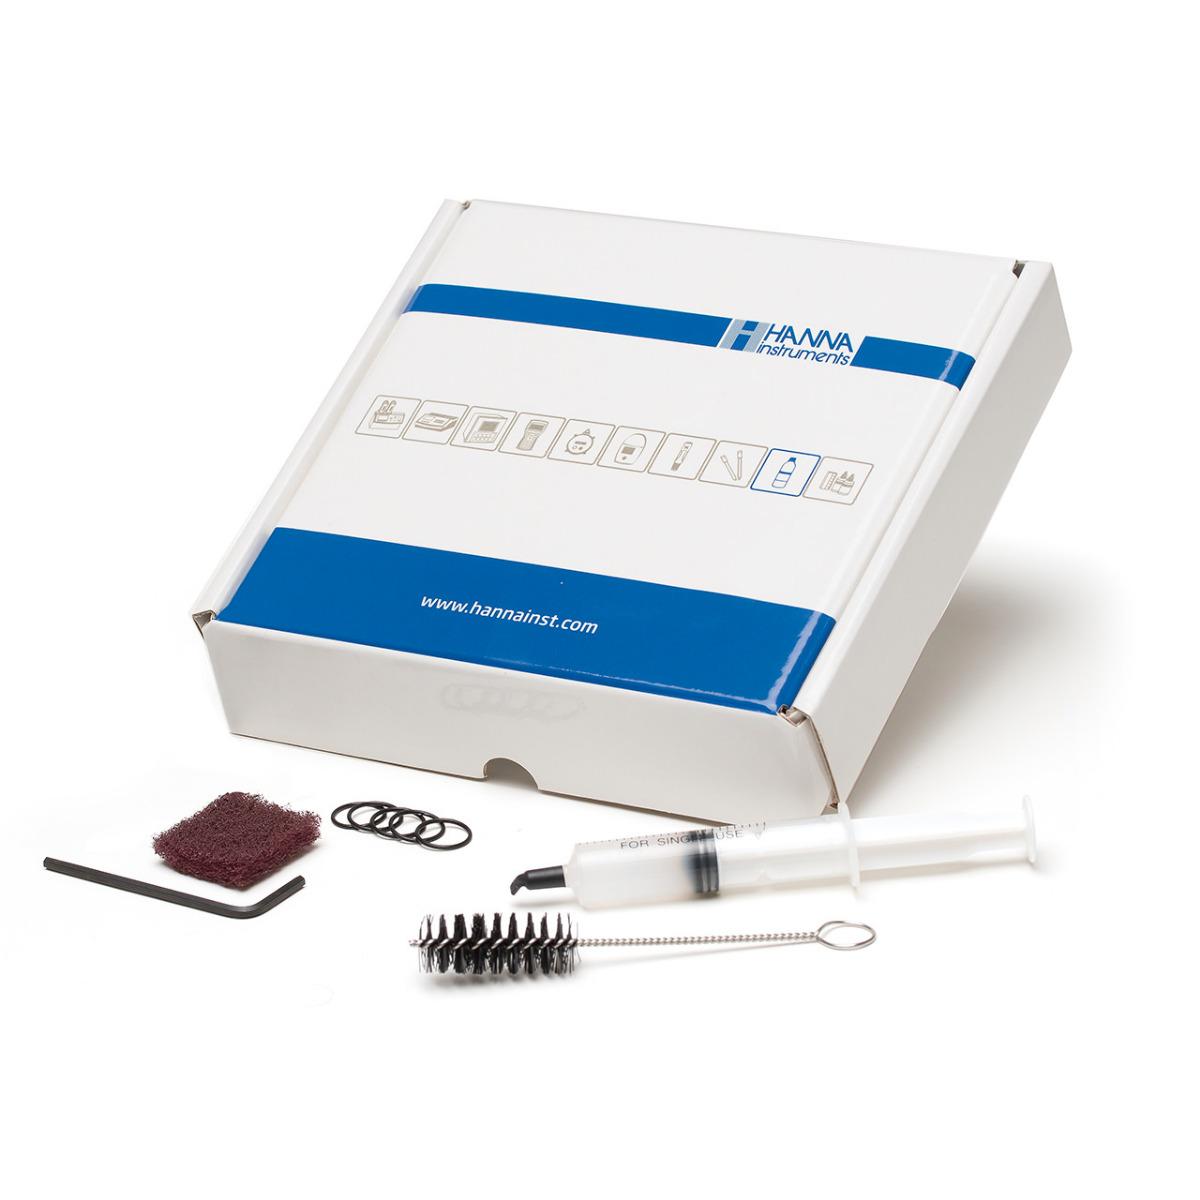 HI76981952 Probe Maintenance Kit for HI98194, HI98195 and HI98196 Portable Meters